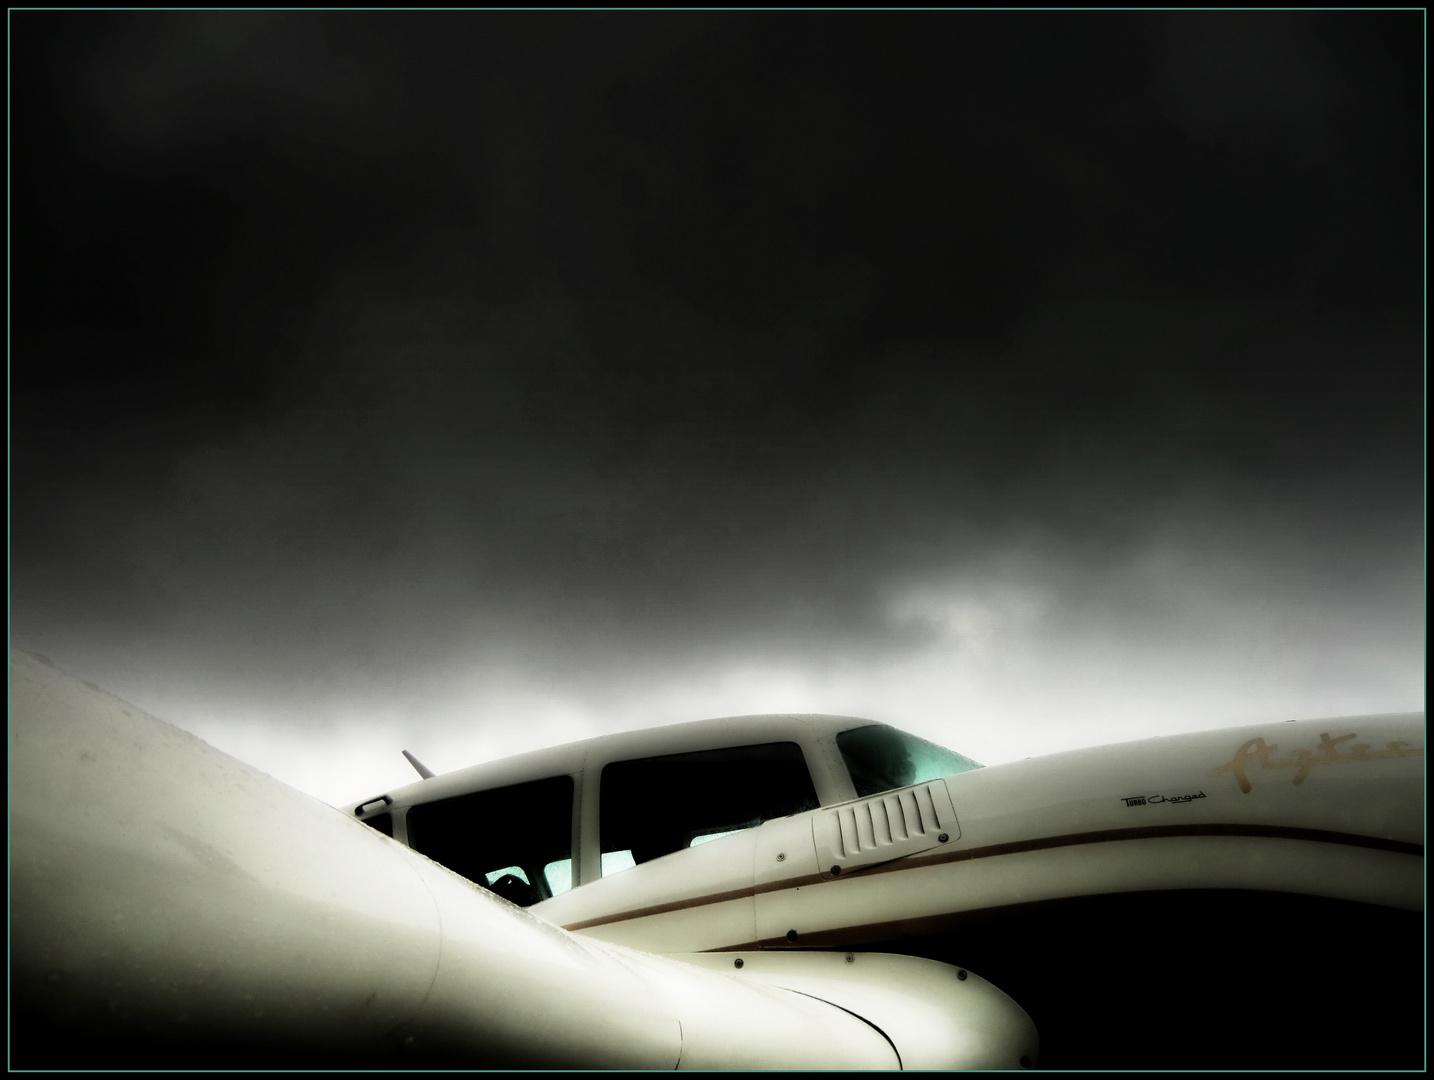 Rundungen...am Flugzeug!